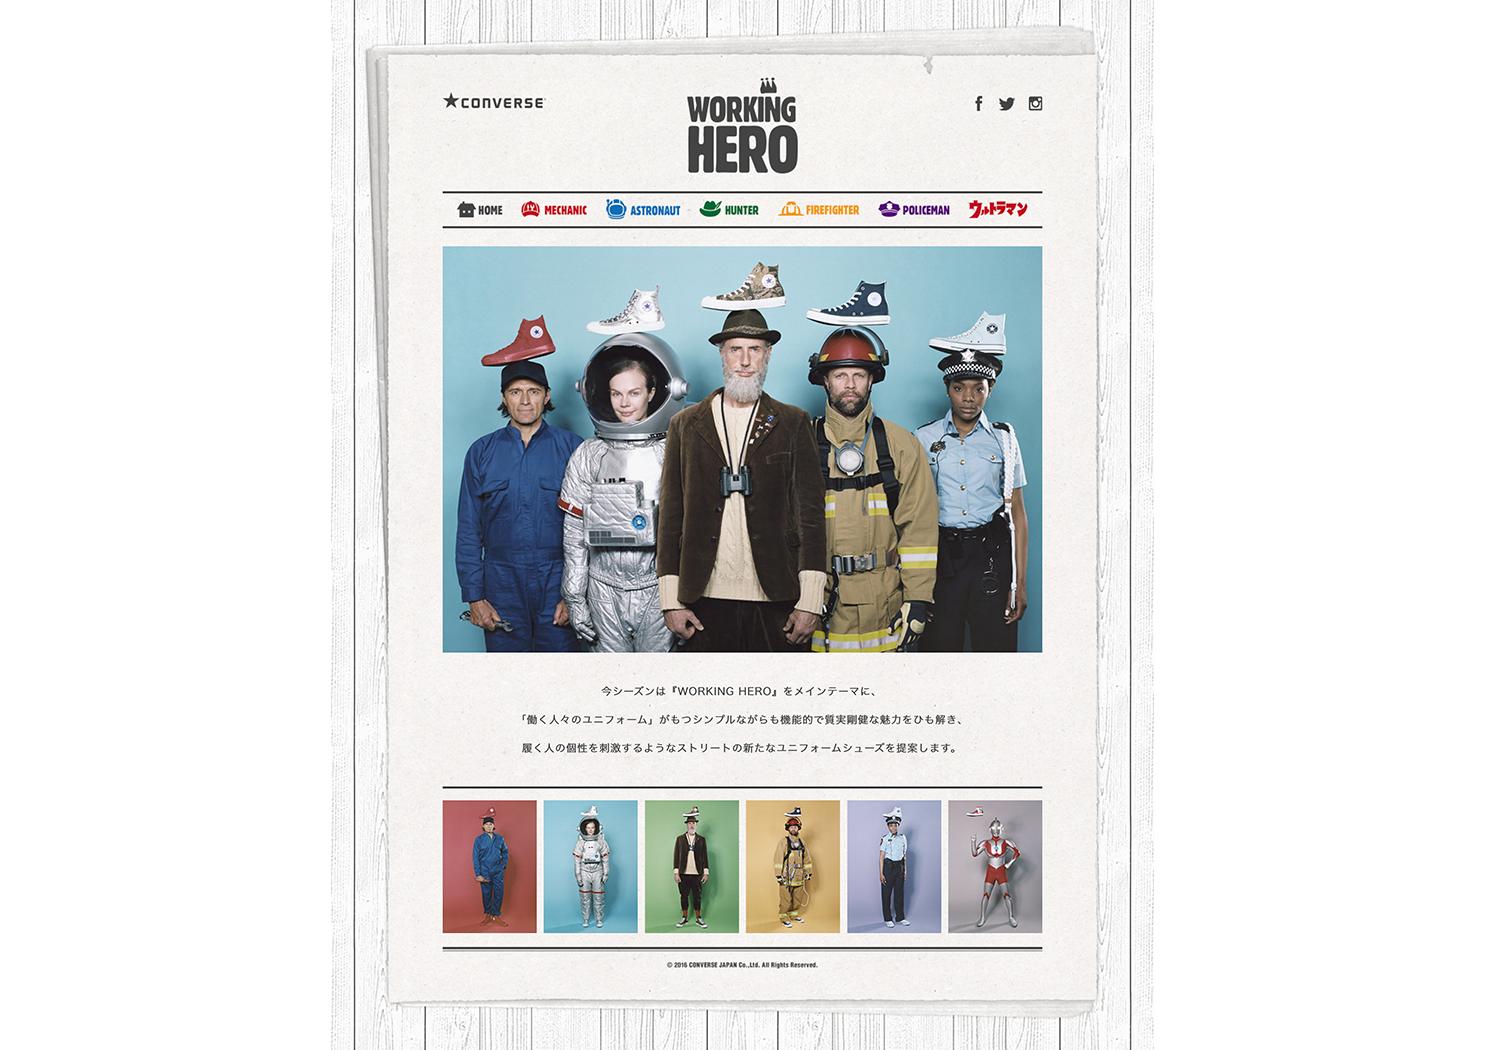 CONVERSE WORKING HERO Website 2016